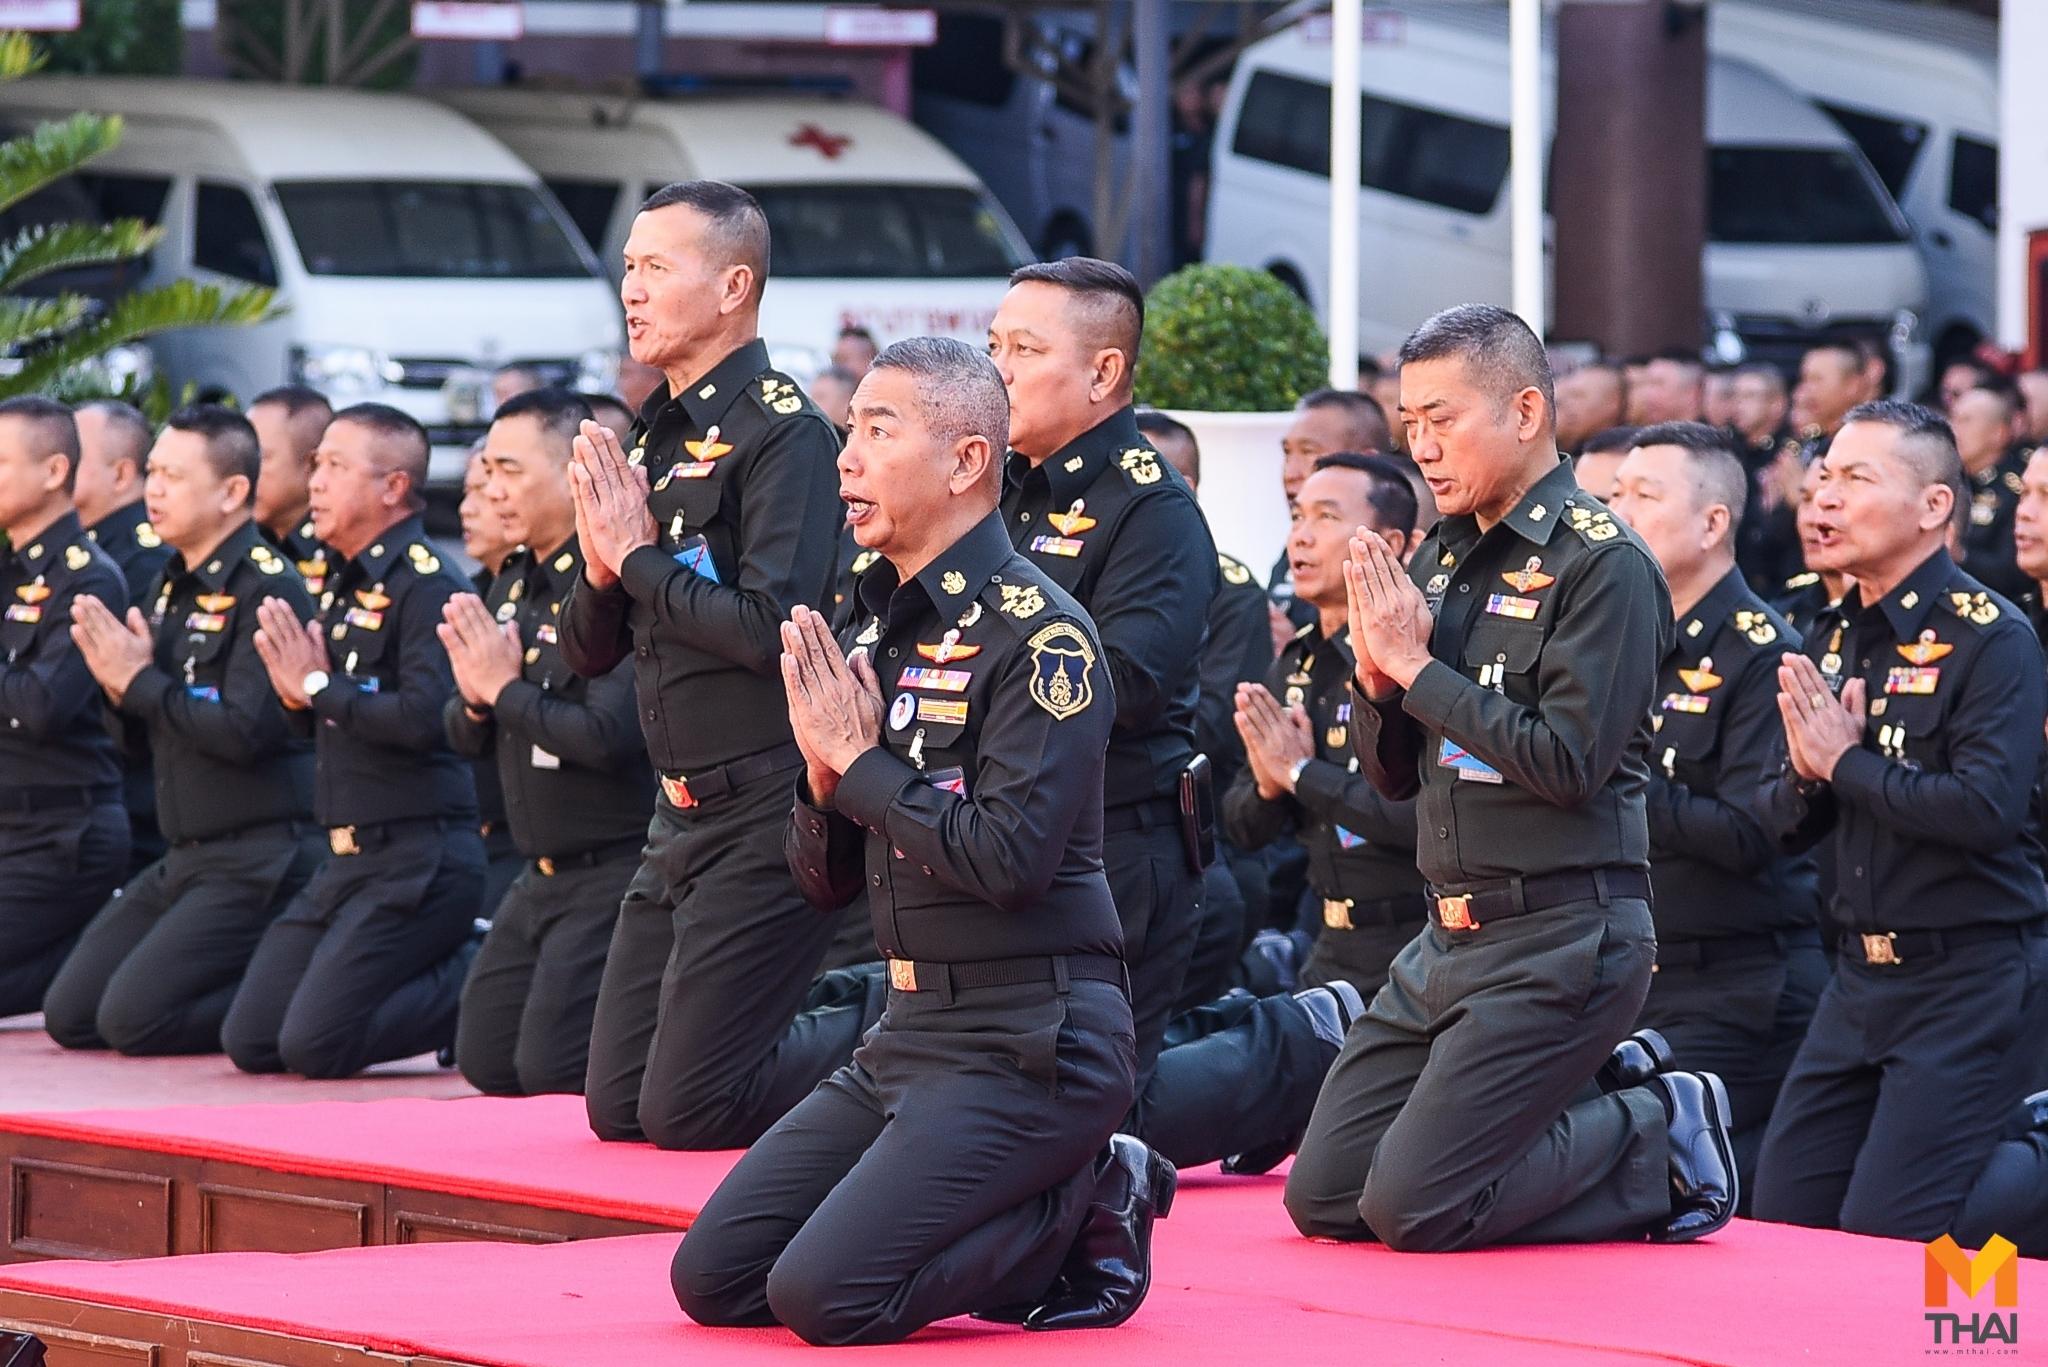 กองทัพบก ทหาร พลเอกอภิรัช คงสมพงษ์ เลือกตั้ง62